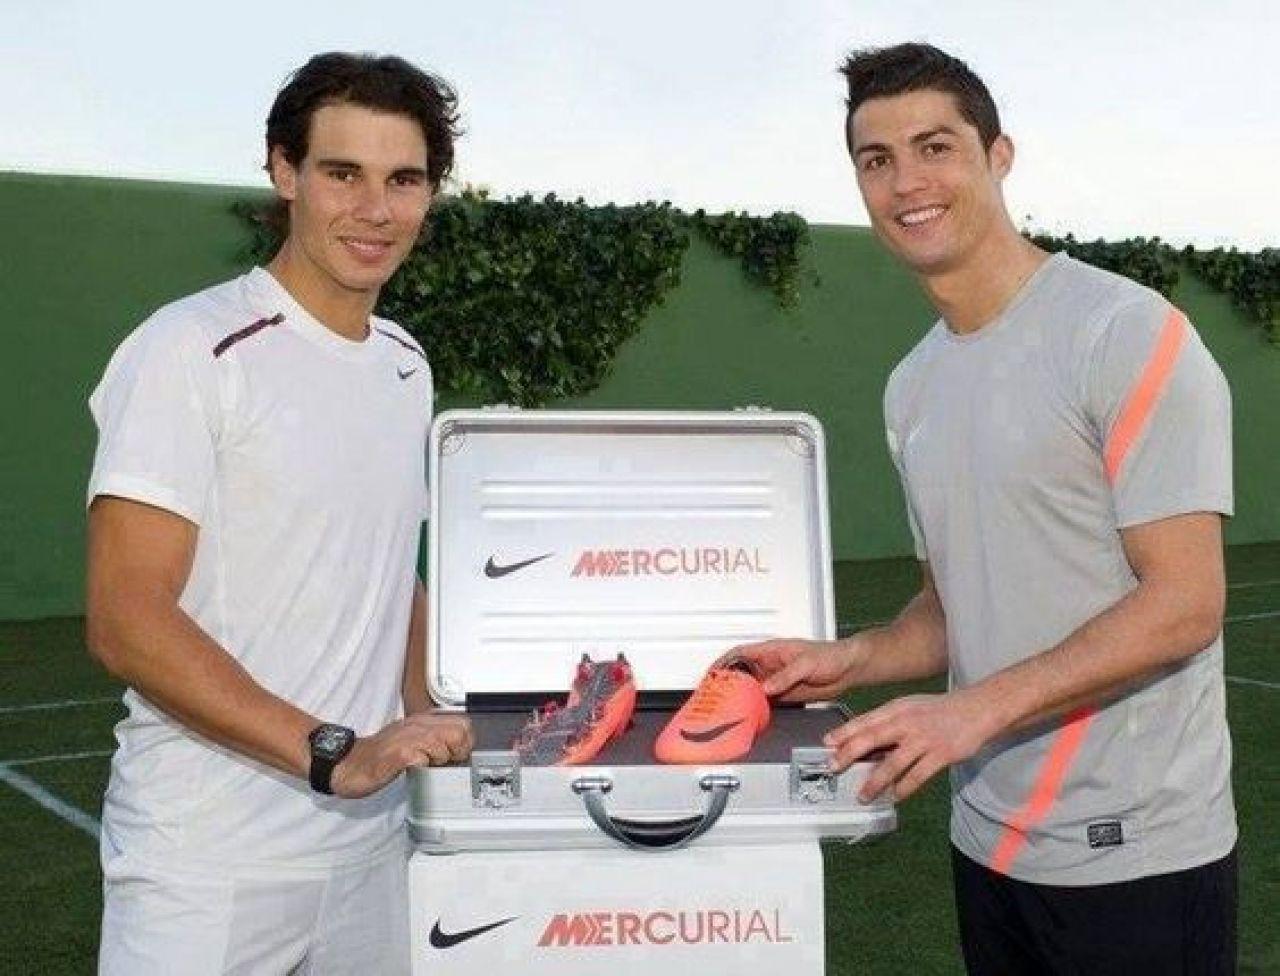 Florentino: Cristiano tiene mucho mérito, su obsesión por mejorar... me recuerda a Rafa Nadal